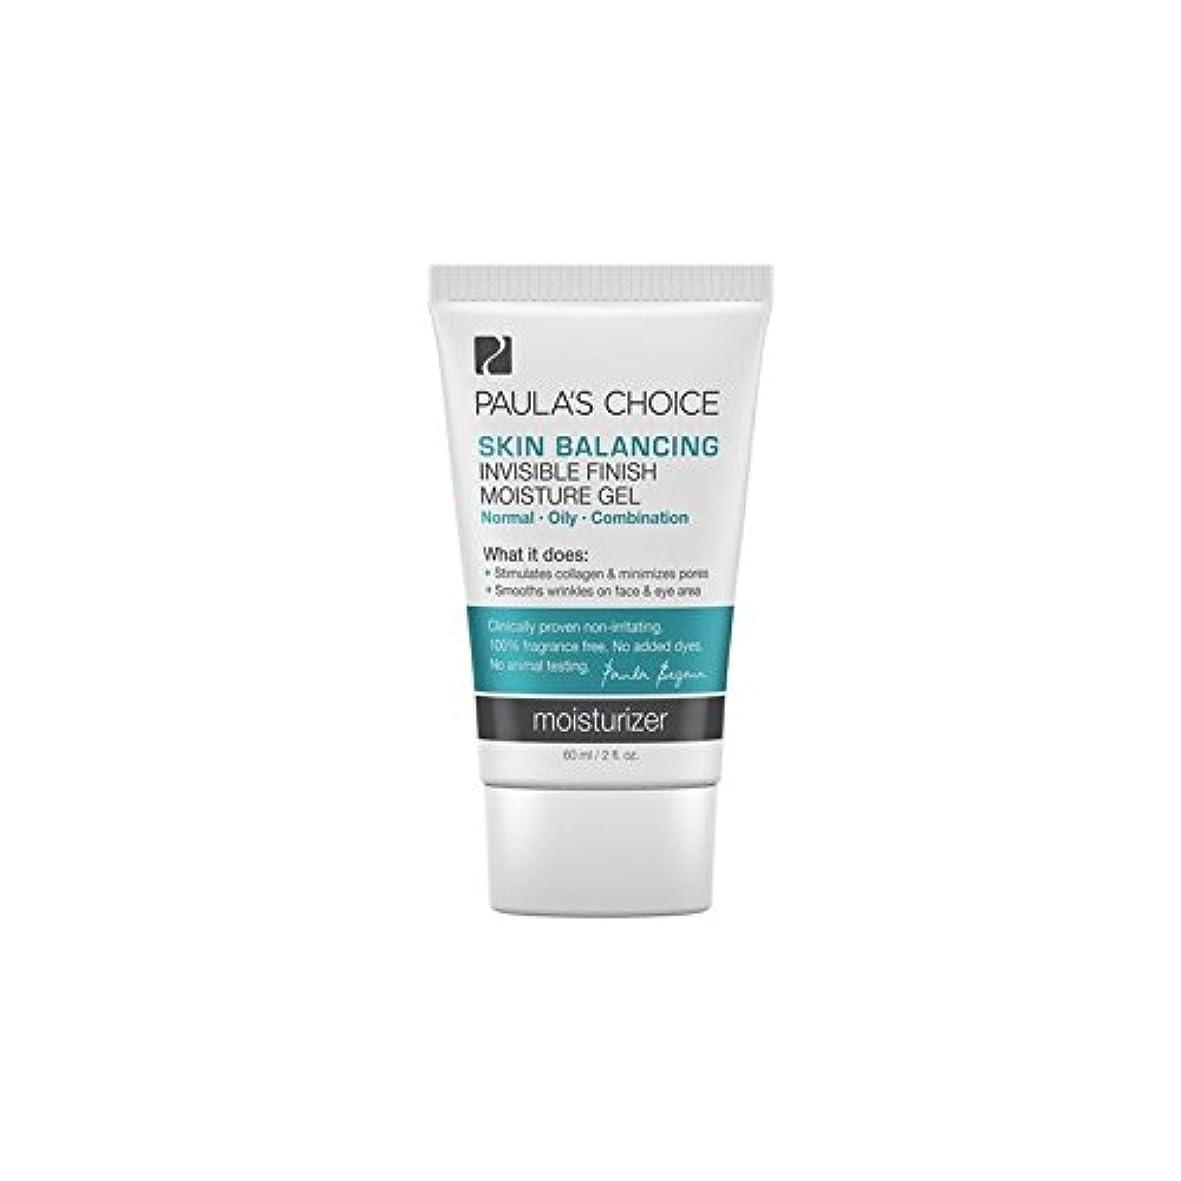 凍る欠陥はずPaula's Choice Skin Balancing Invisible Finish Moisture Gel (60ml) - ポーラチョイスの肌のバランス目に見えない仕上がり水分ゲル(60ミリリットル) [並行輸入品]